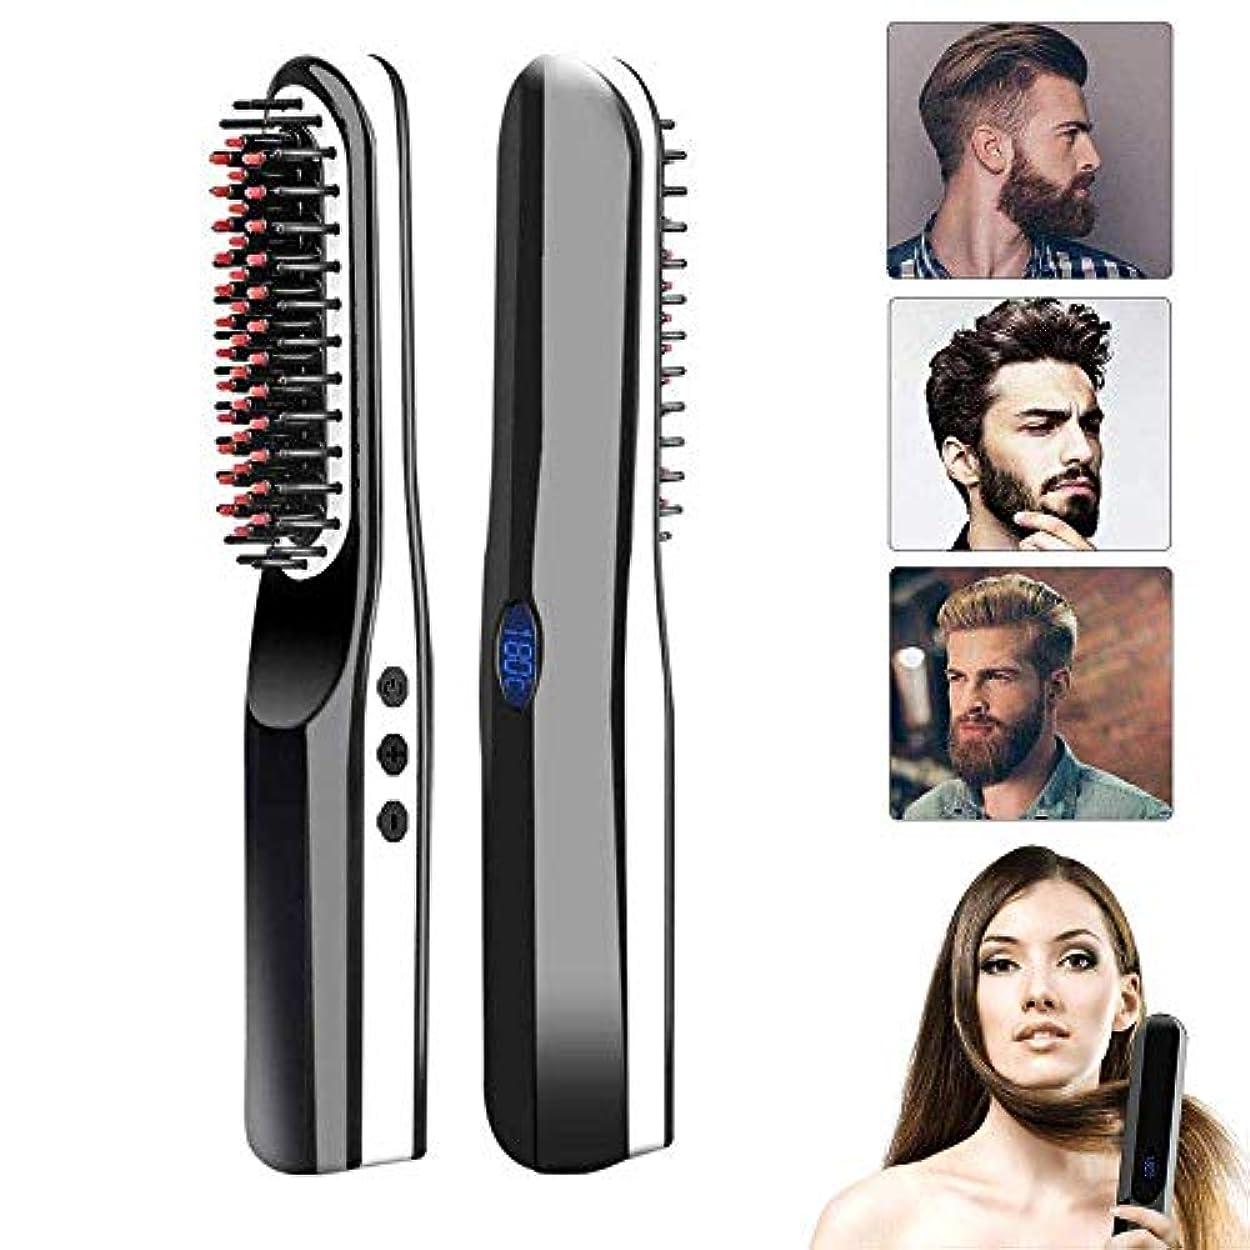 優先毒液爆弾コードレスアンチスカルド自動で毛矯正ブラシ旅行/家、男性の女性のための1の2つの多機能の毛の櫛のカーリングアイロン